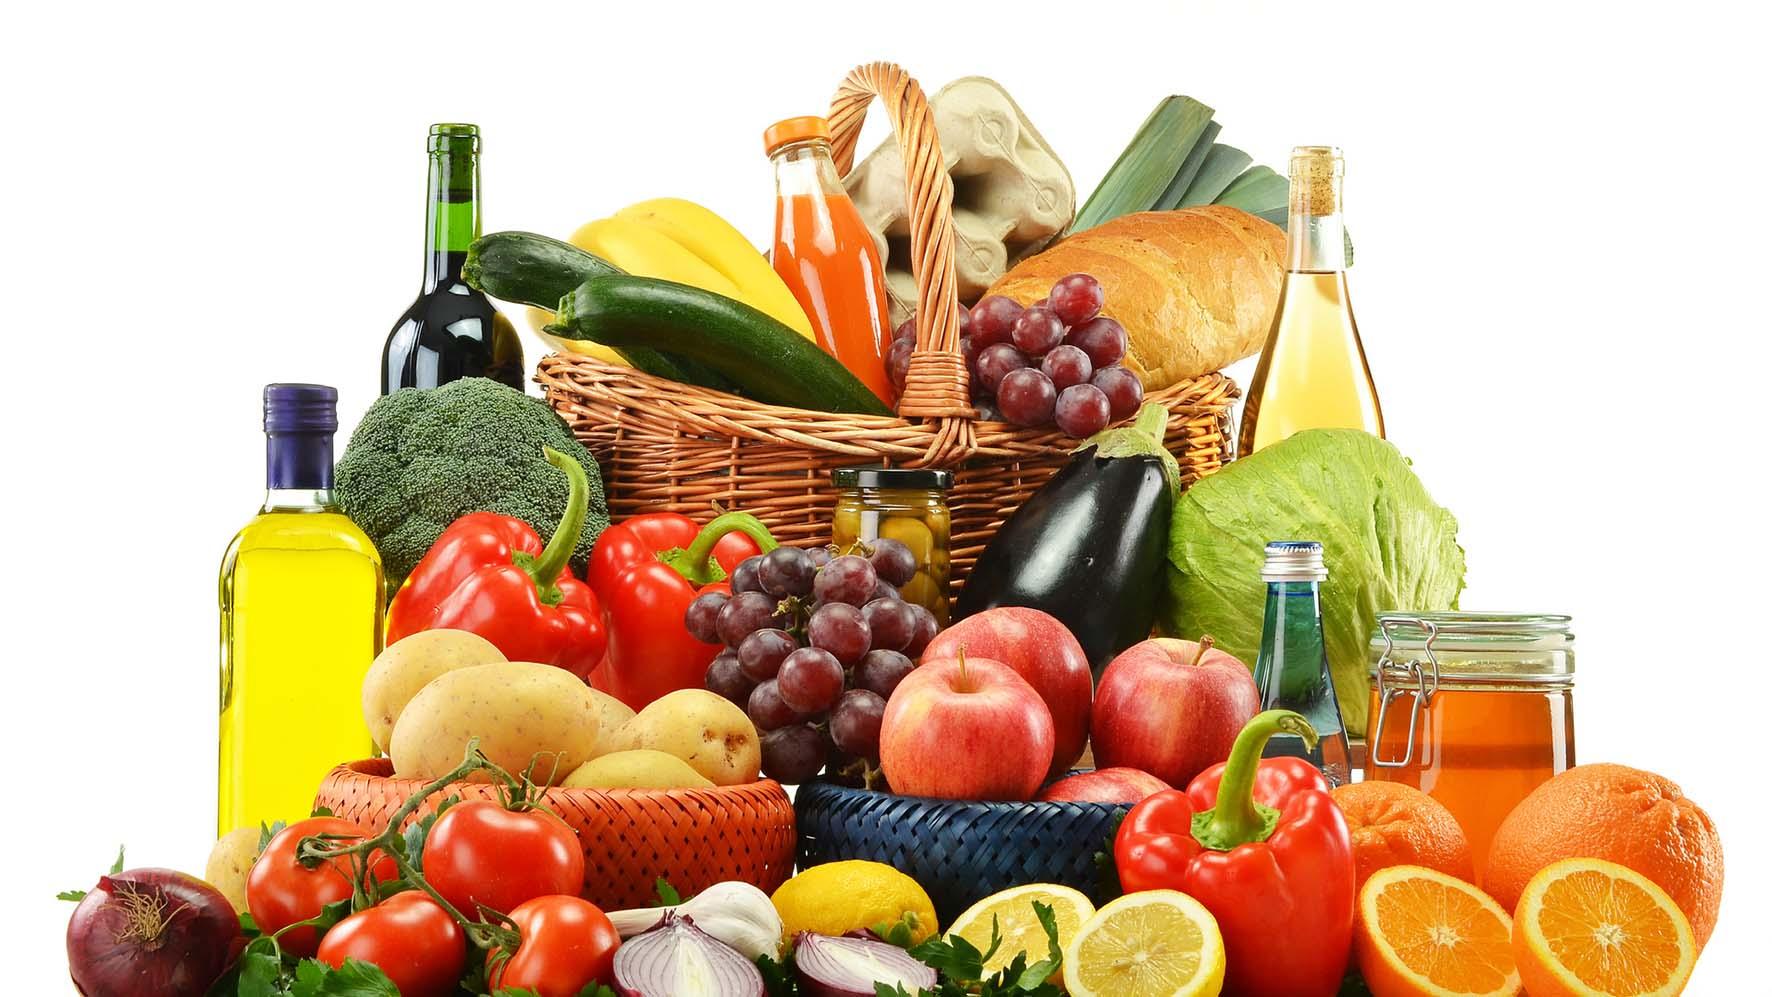 dieta mediterranea olio ortaggi frutta